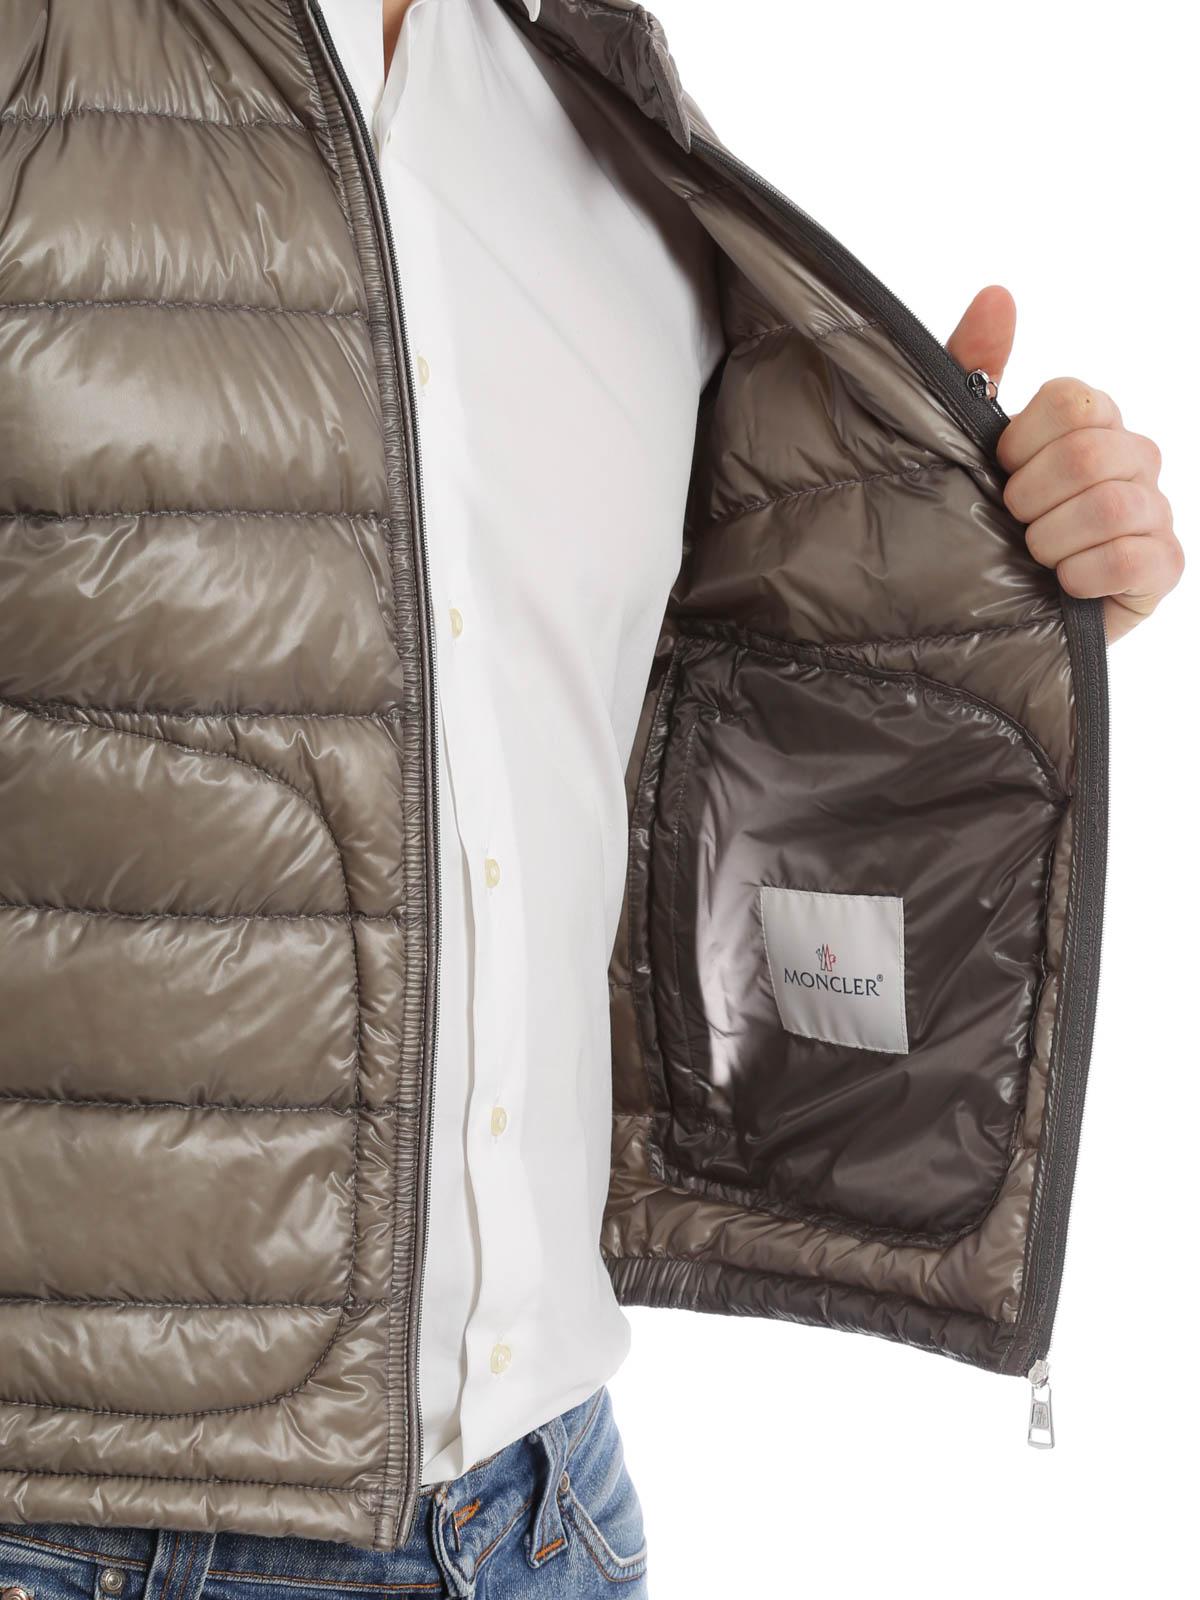 Moncler Giubbotto Acorus giacche imbottite B1 091